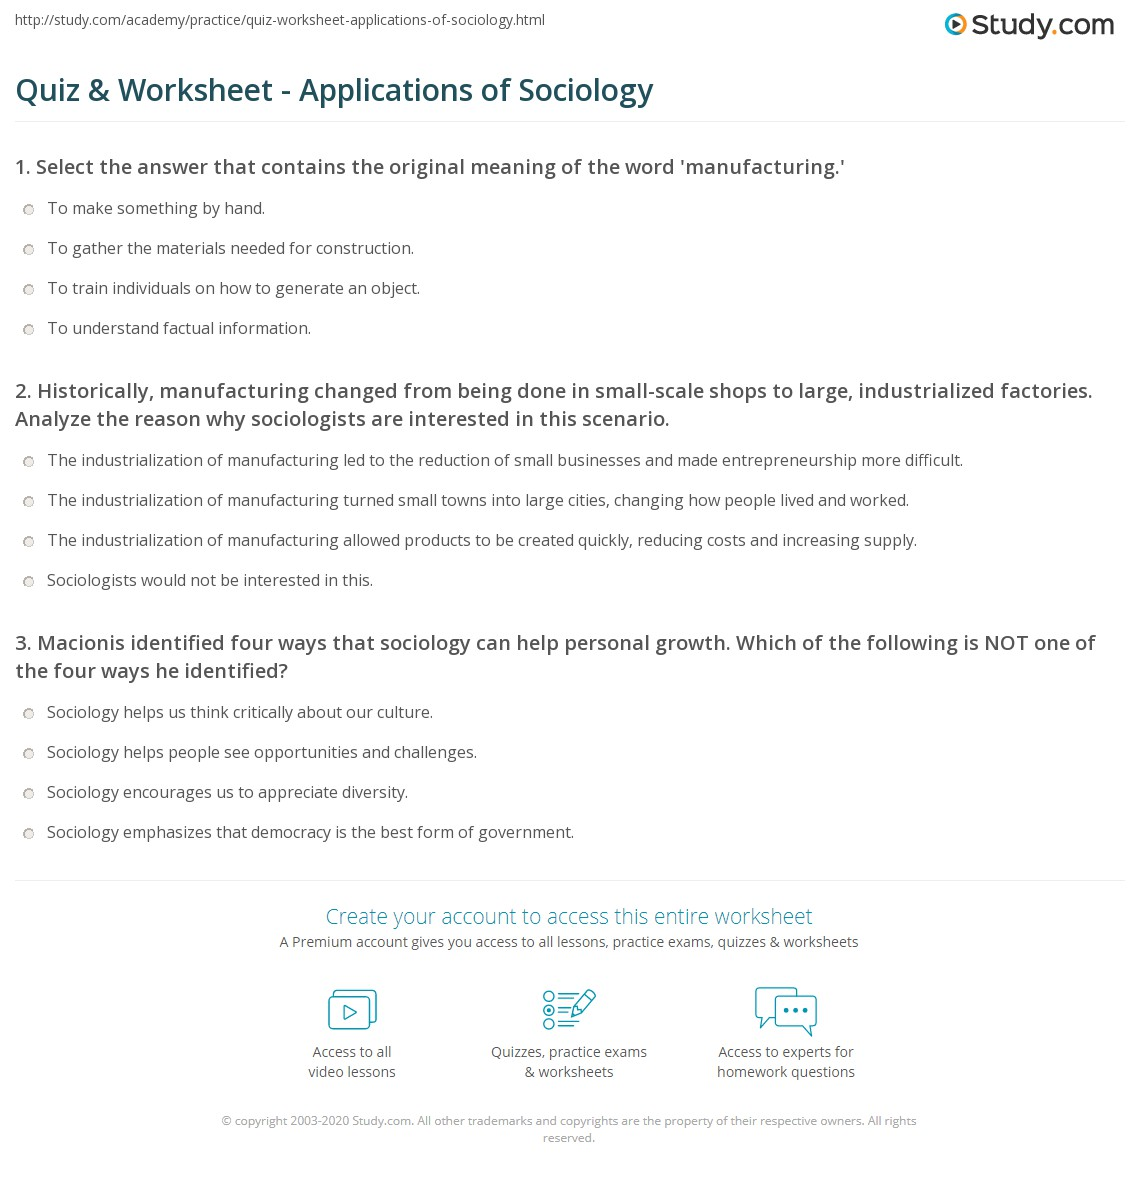 quiz worksheet applications of sociology. Black Bedroom Furniture Sets. Home Design Ideas